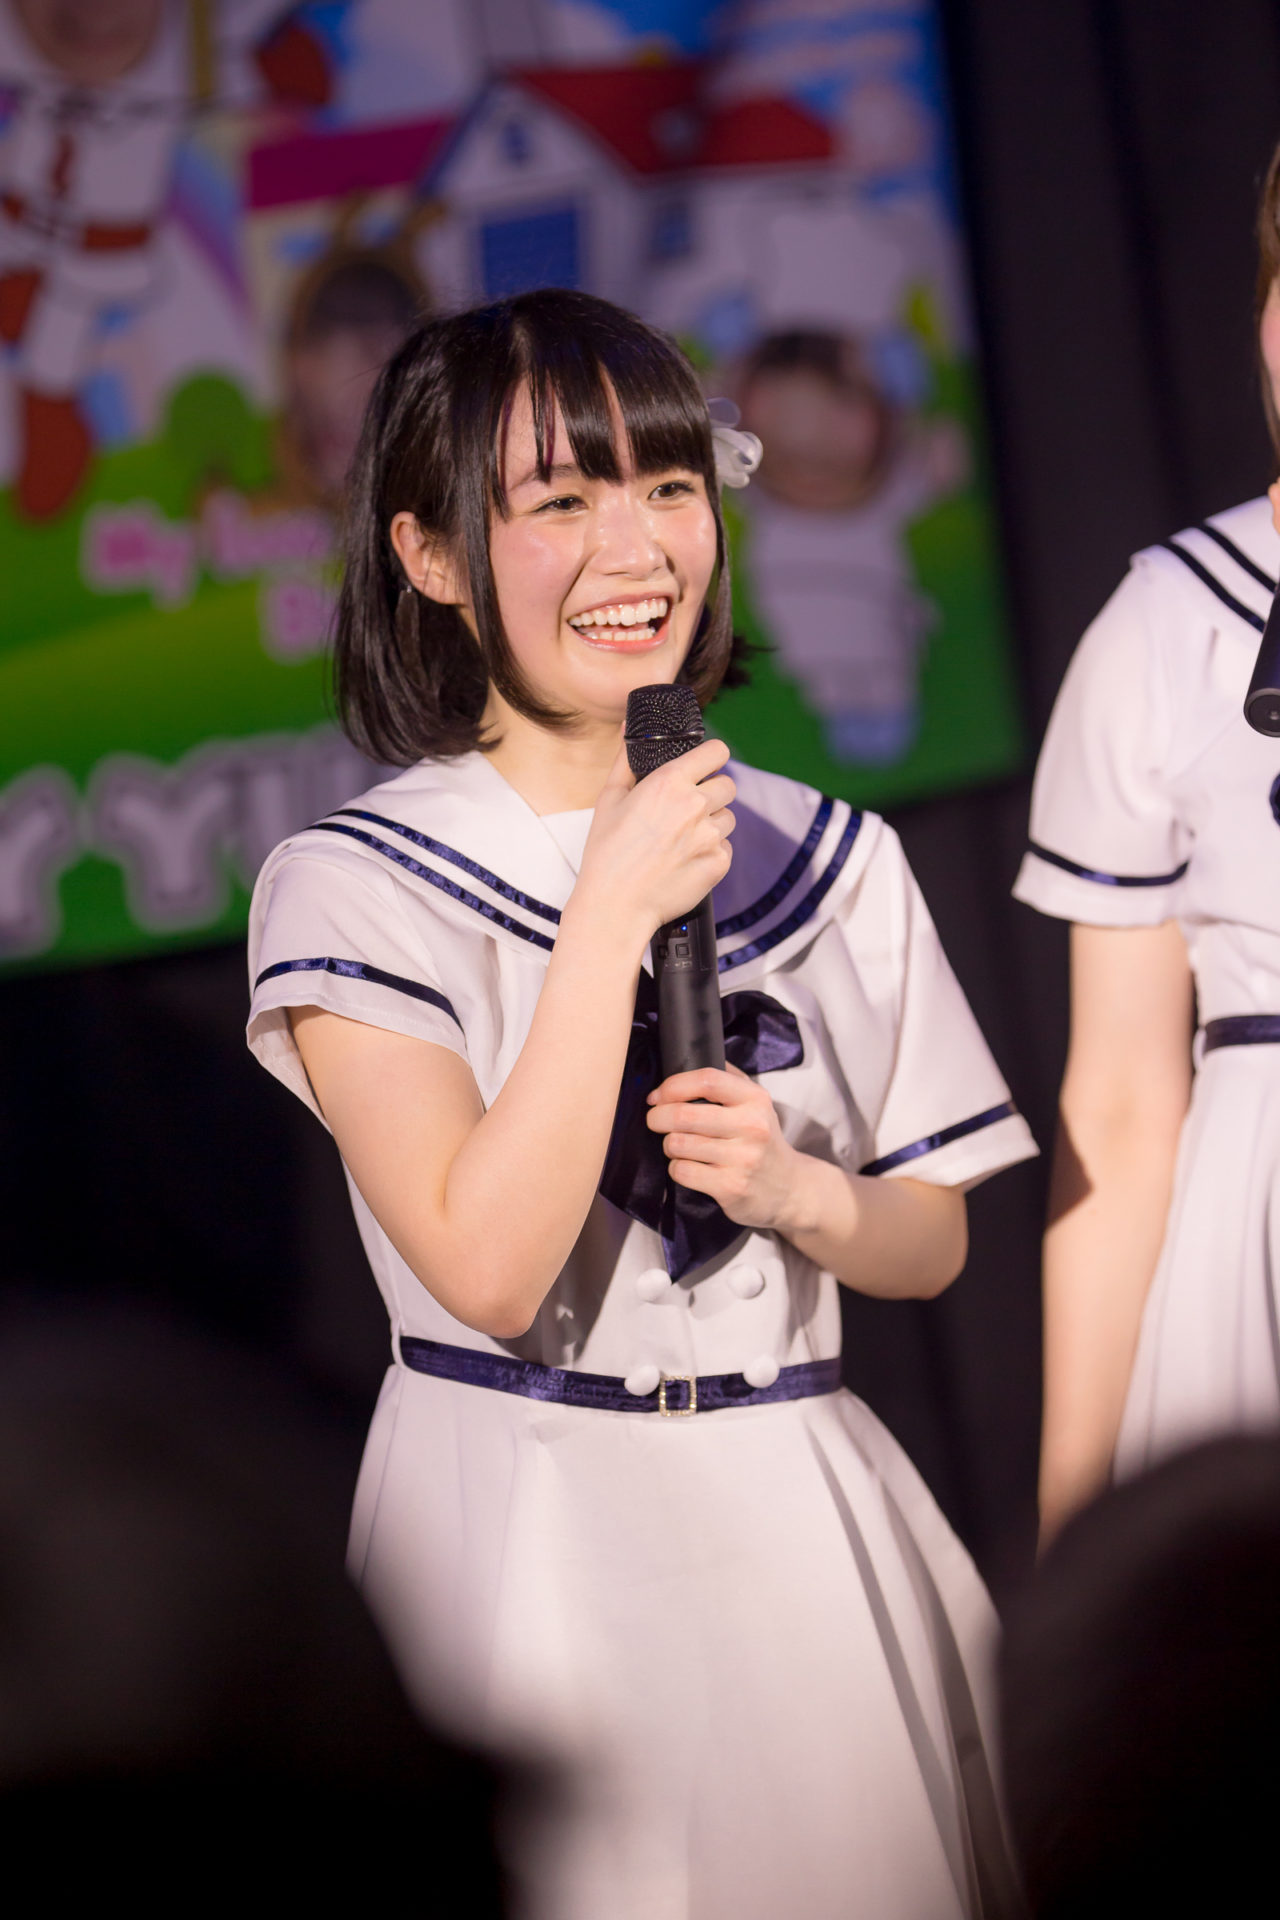 2代目HAPPY少女♪ みっちょ ( 本田みく ) | ハピパvol.25〜ゆいな生誕〜